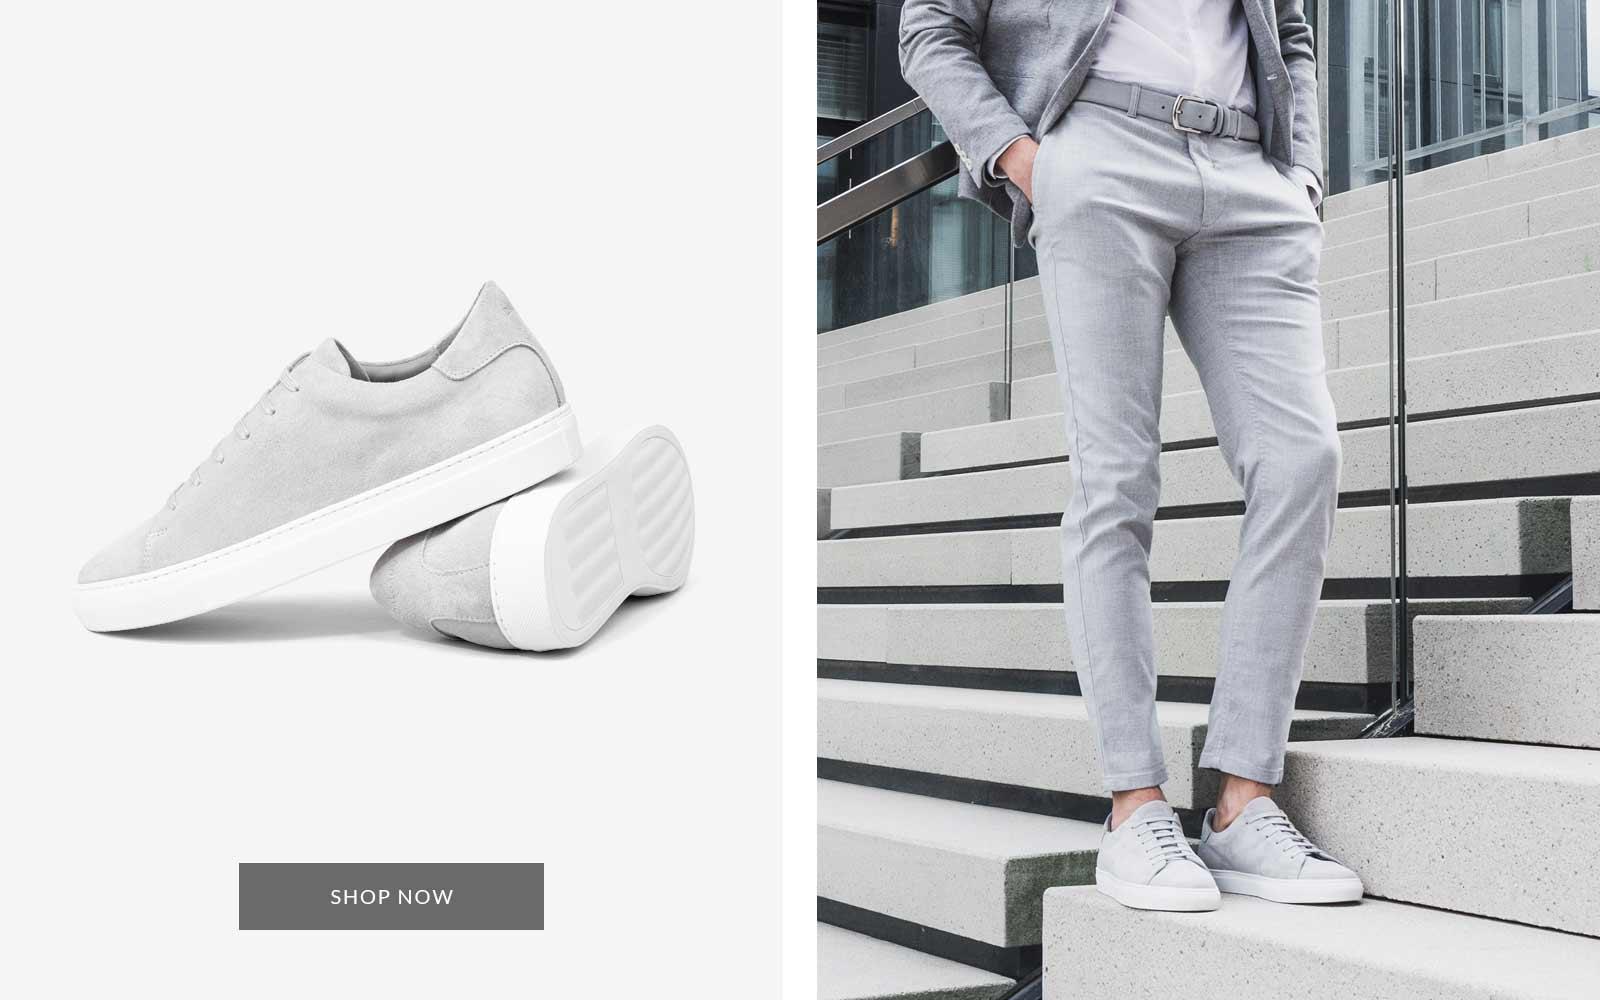 Norberto Veloursleder Sneaker grau